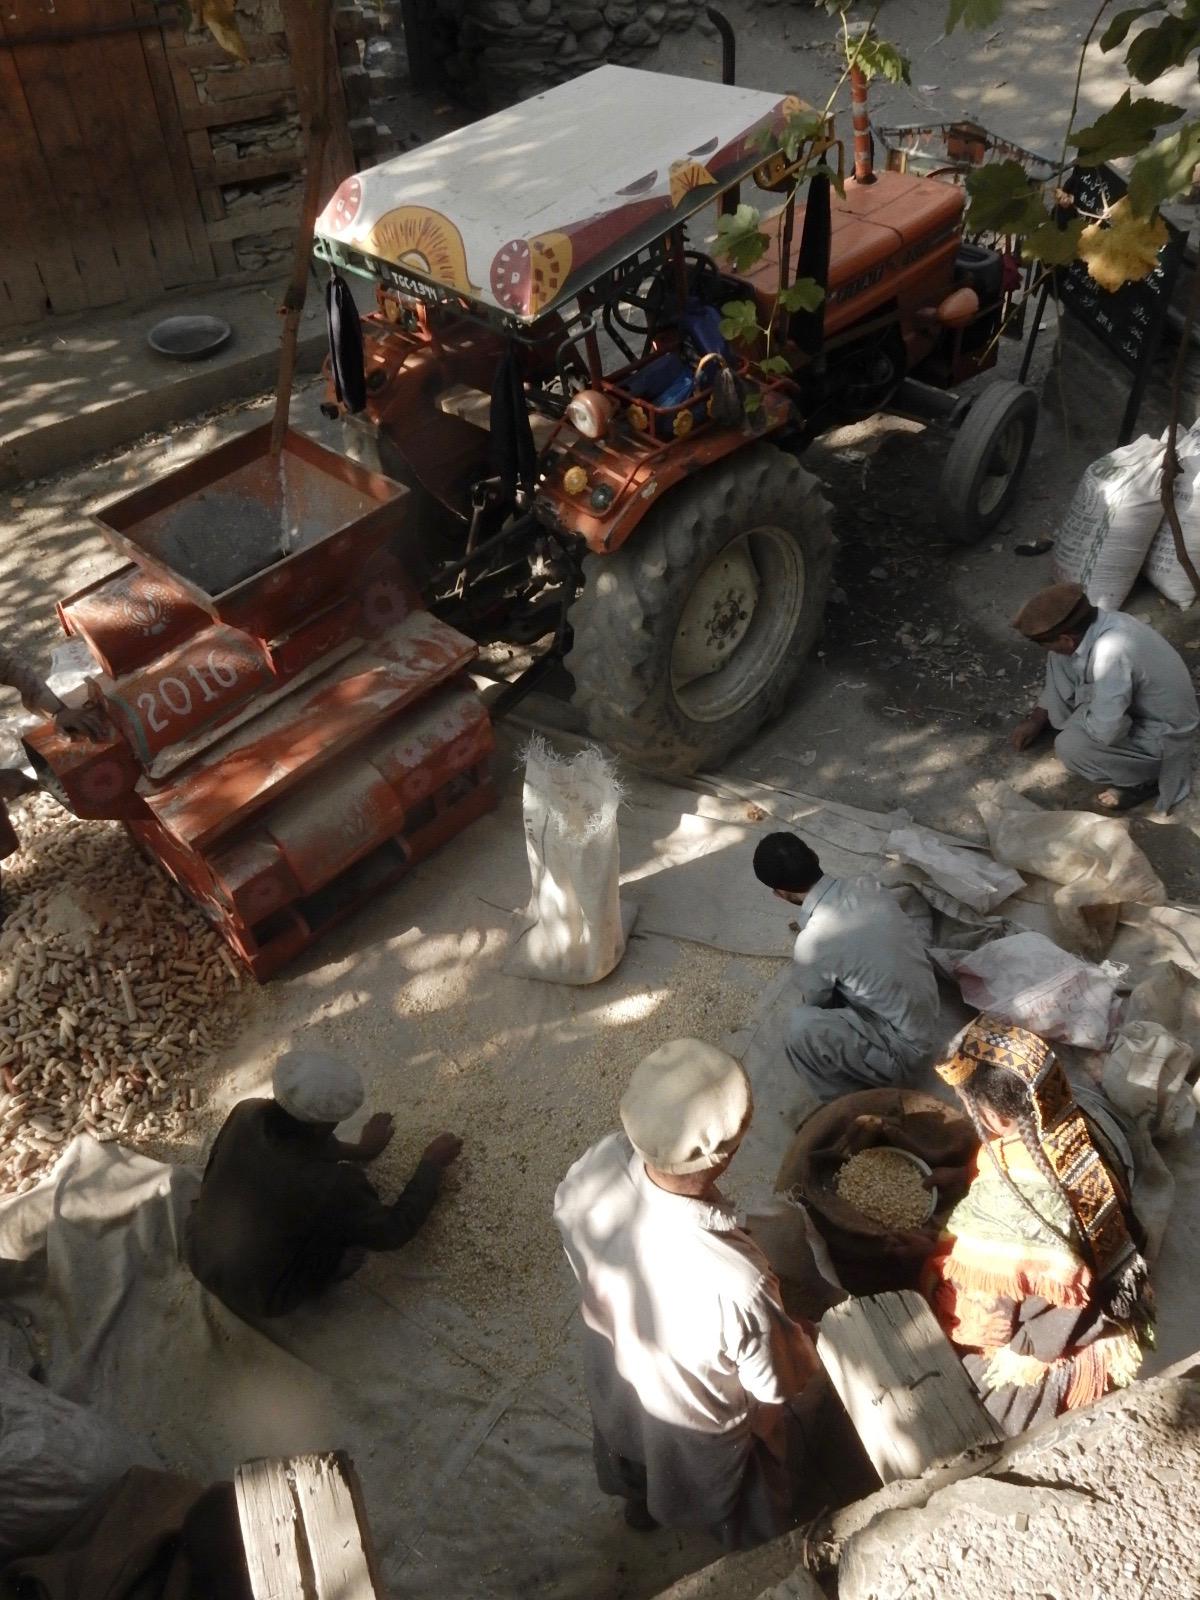 近年は麓の町から脱穀機がやって来て、トウモロコシを脱穀するようになった。以前は棒で叩いて実をほぐしていた。